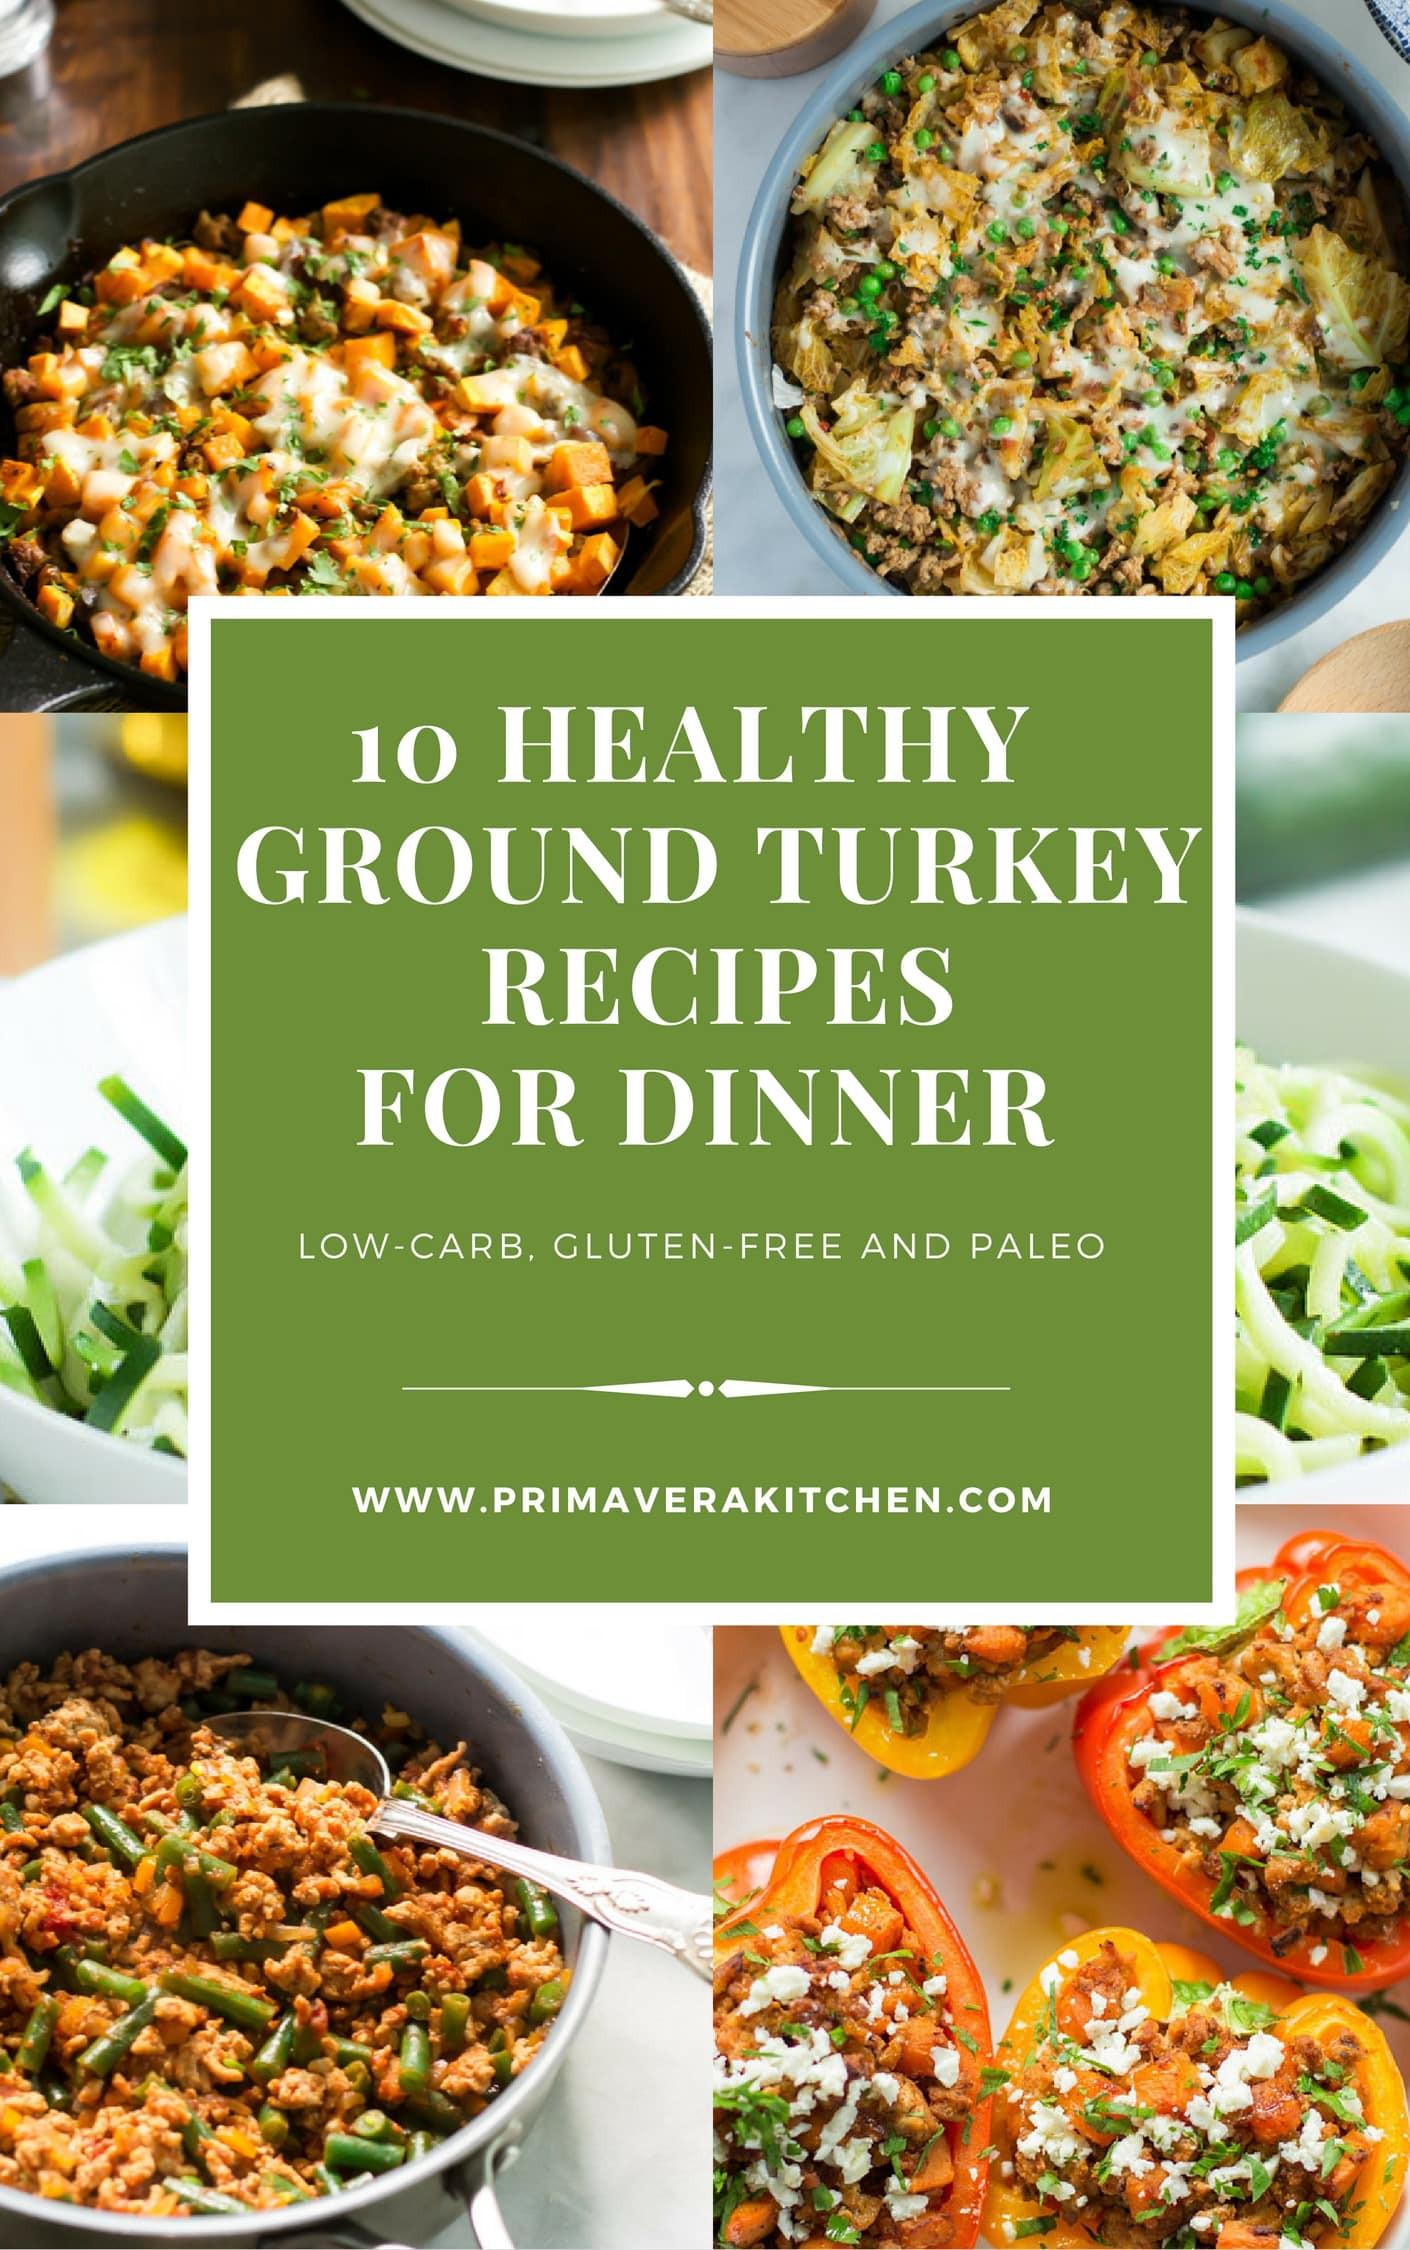 Ground Turkey Healthy  10 Healthy Ground Turkey Recipes for Dinner Primavera